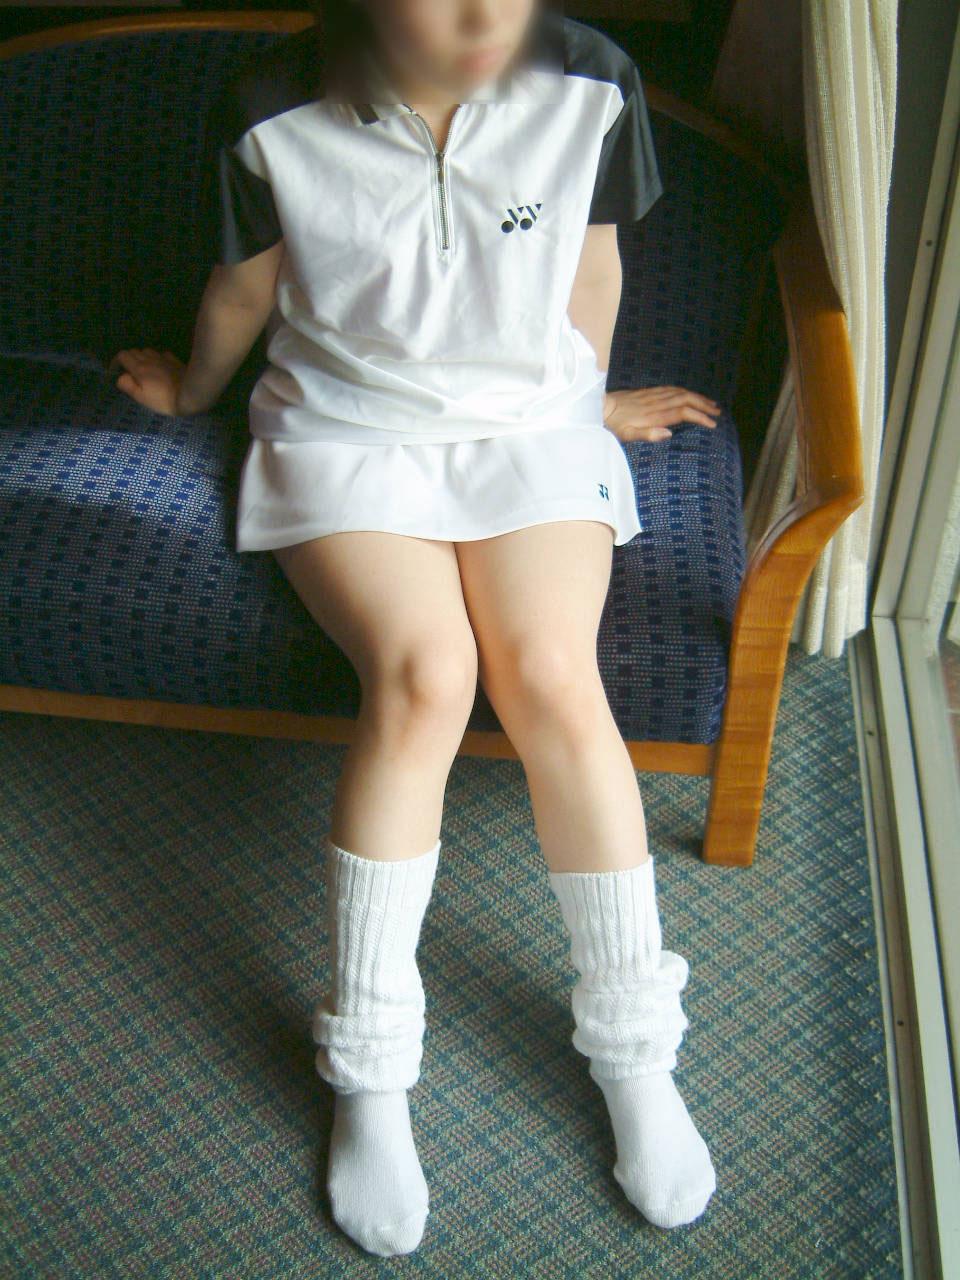 【コスプレエロ画像】テニスウェアの清純さにエロスを感じずにはいられないwww 22